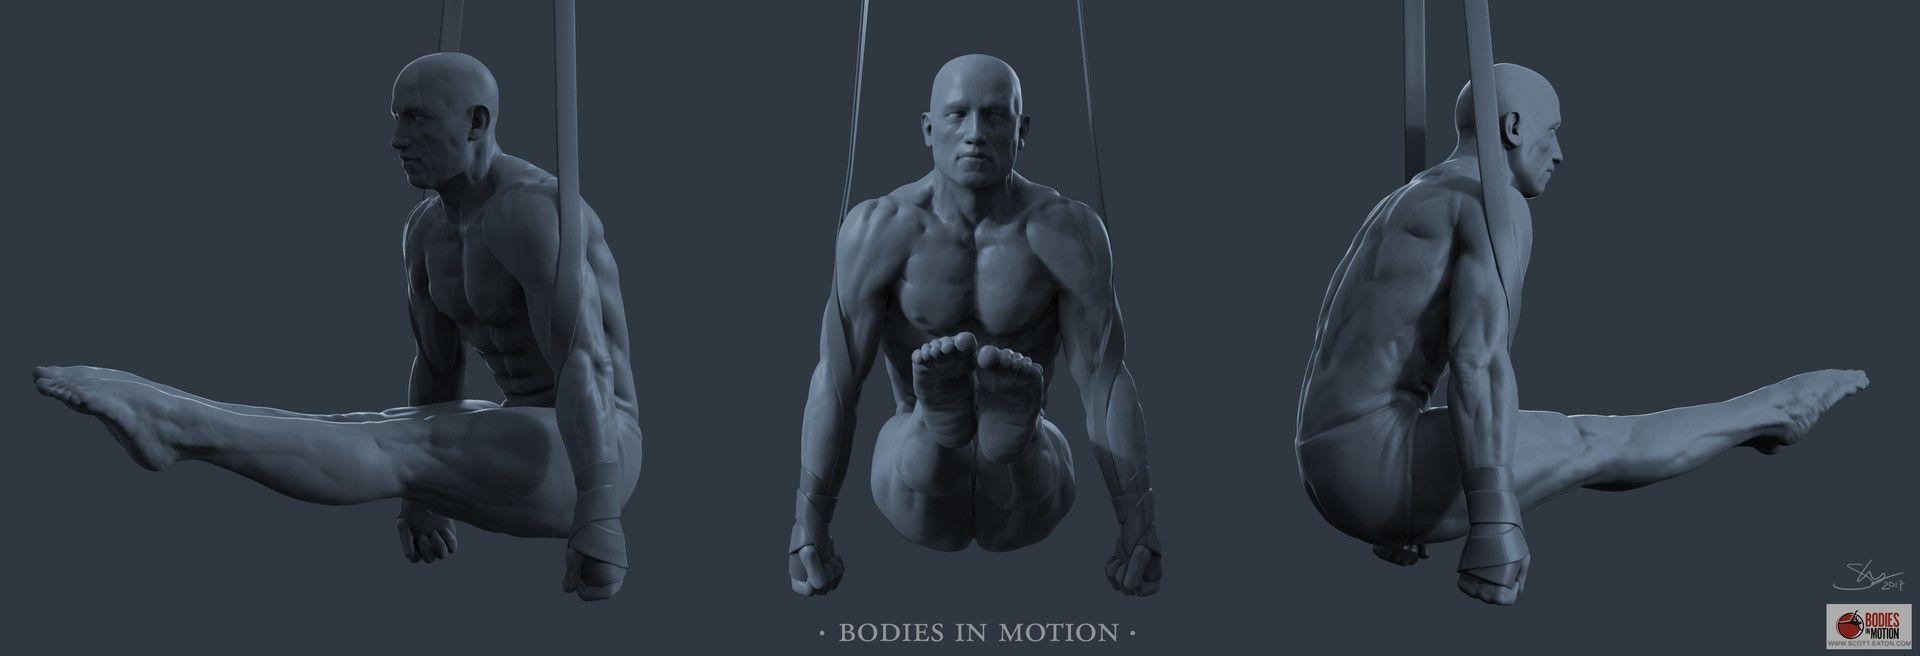 ArtStation - Anatomy Study, Shannon Thomas | Pocket dynamic pose ref ...